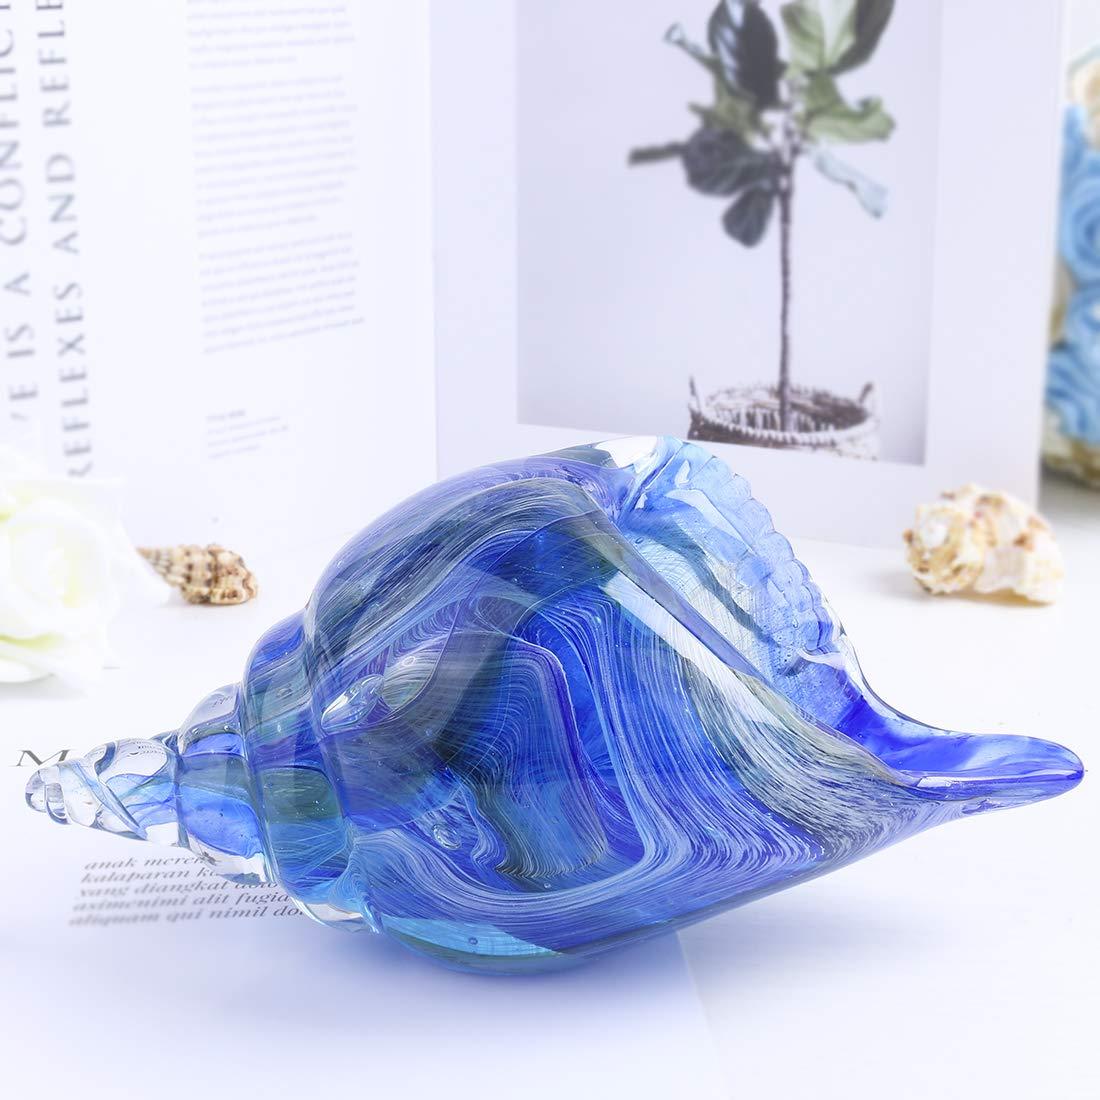 H&D Briefbeschwerer aus Glas, handgeblasen, Blau Seashell, 21 21 21  9.5cm  8.2  3.7in B07MM8MGQD | Good Design  8af354